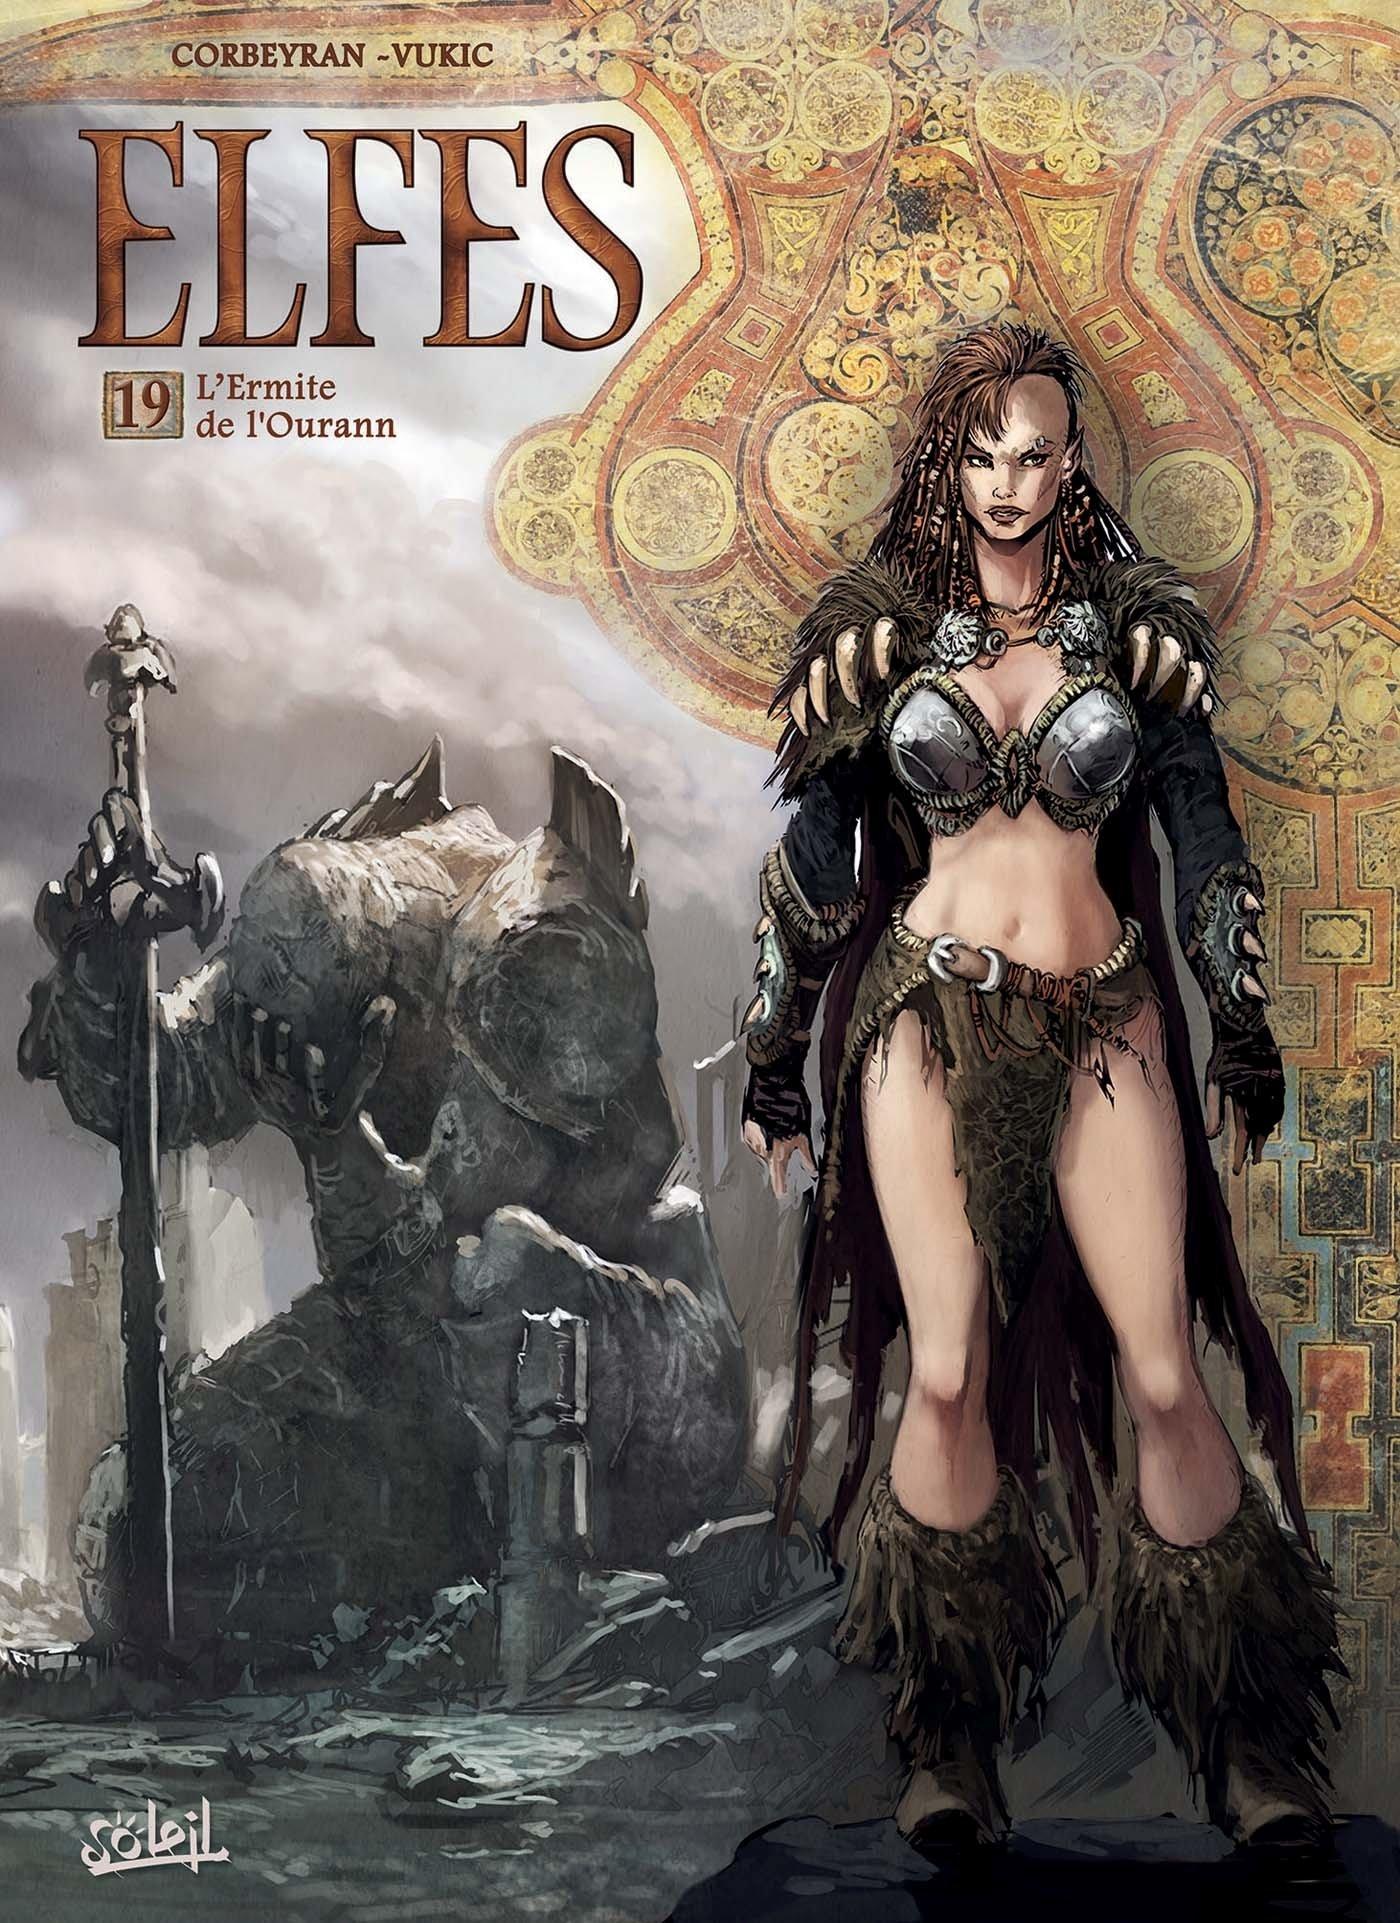 Elfes 19 - L'Ermite de l'Ourann